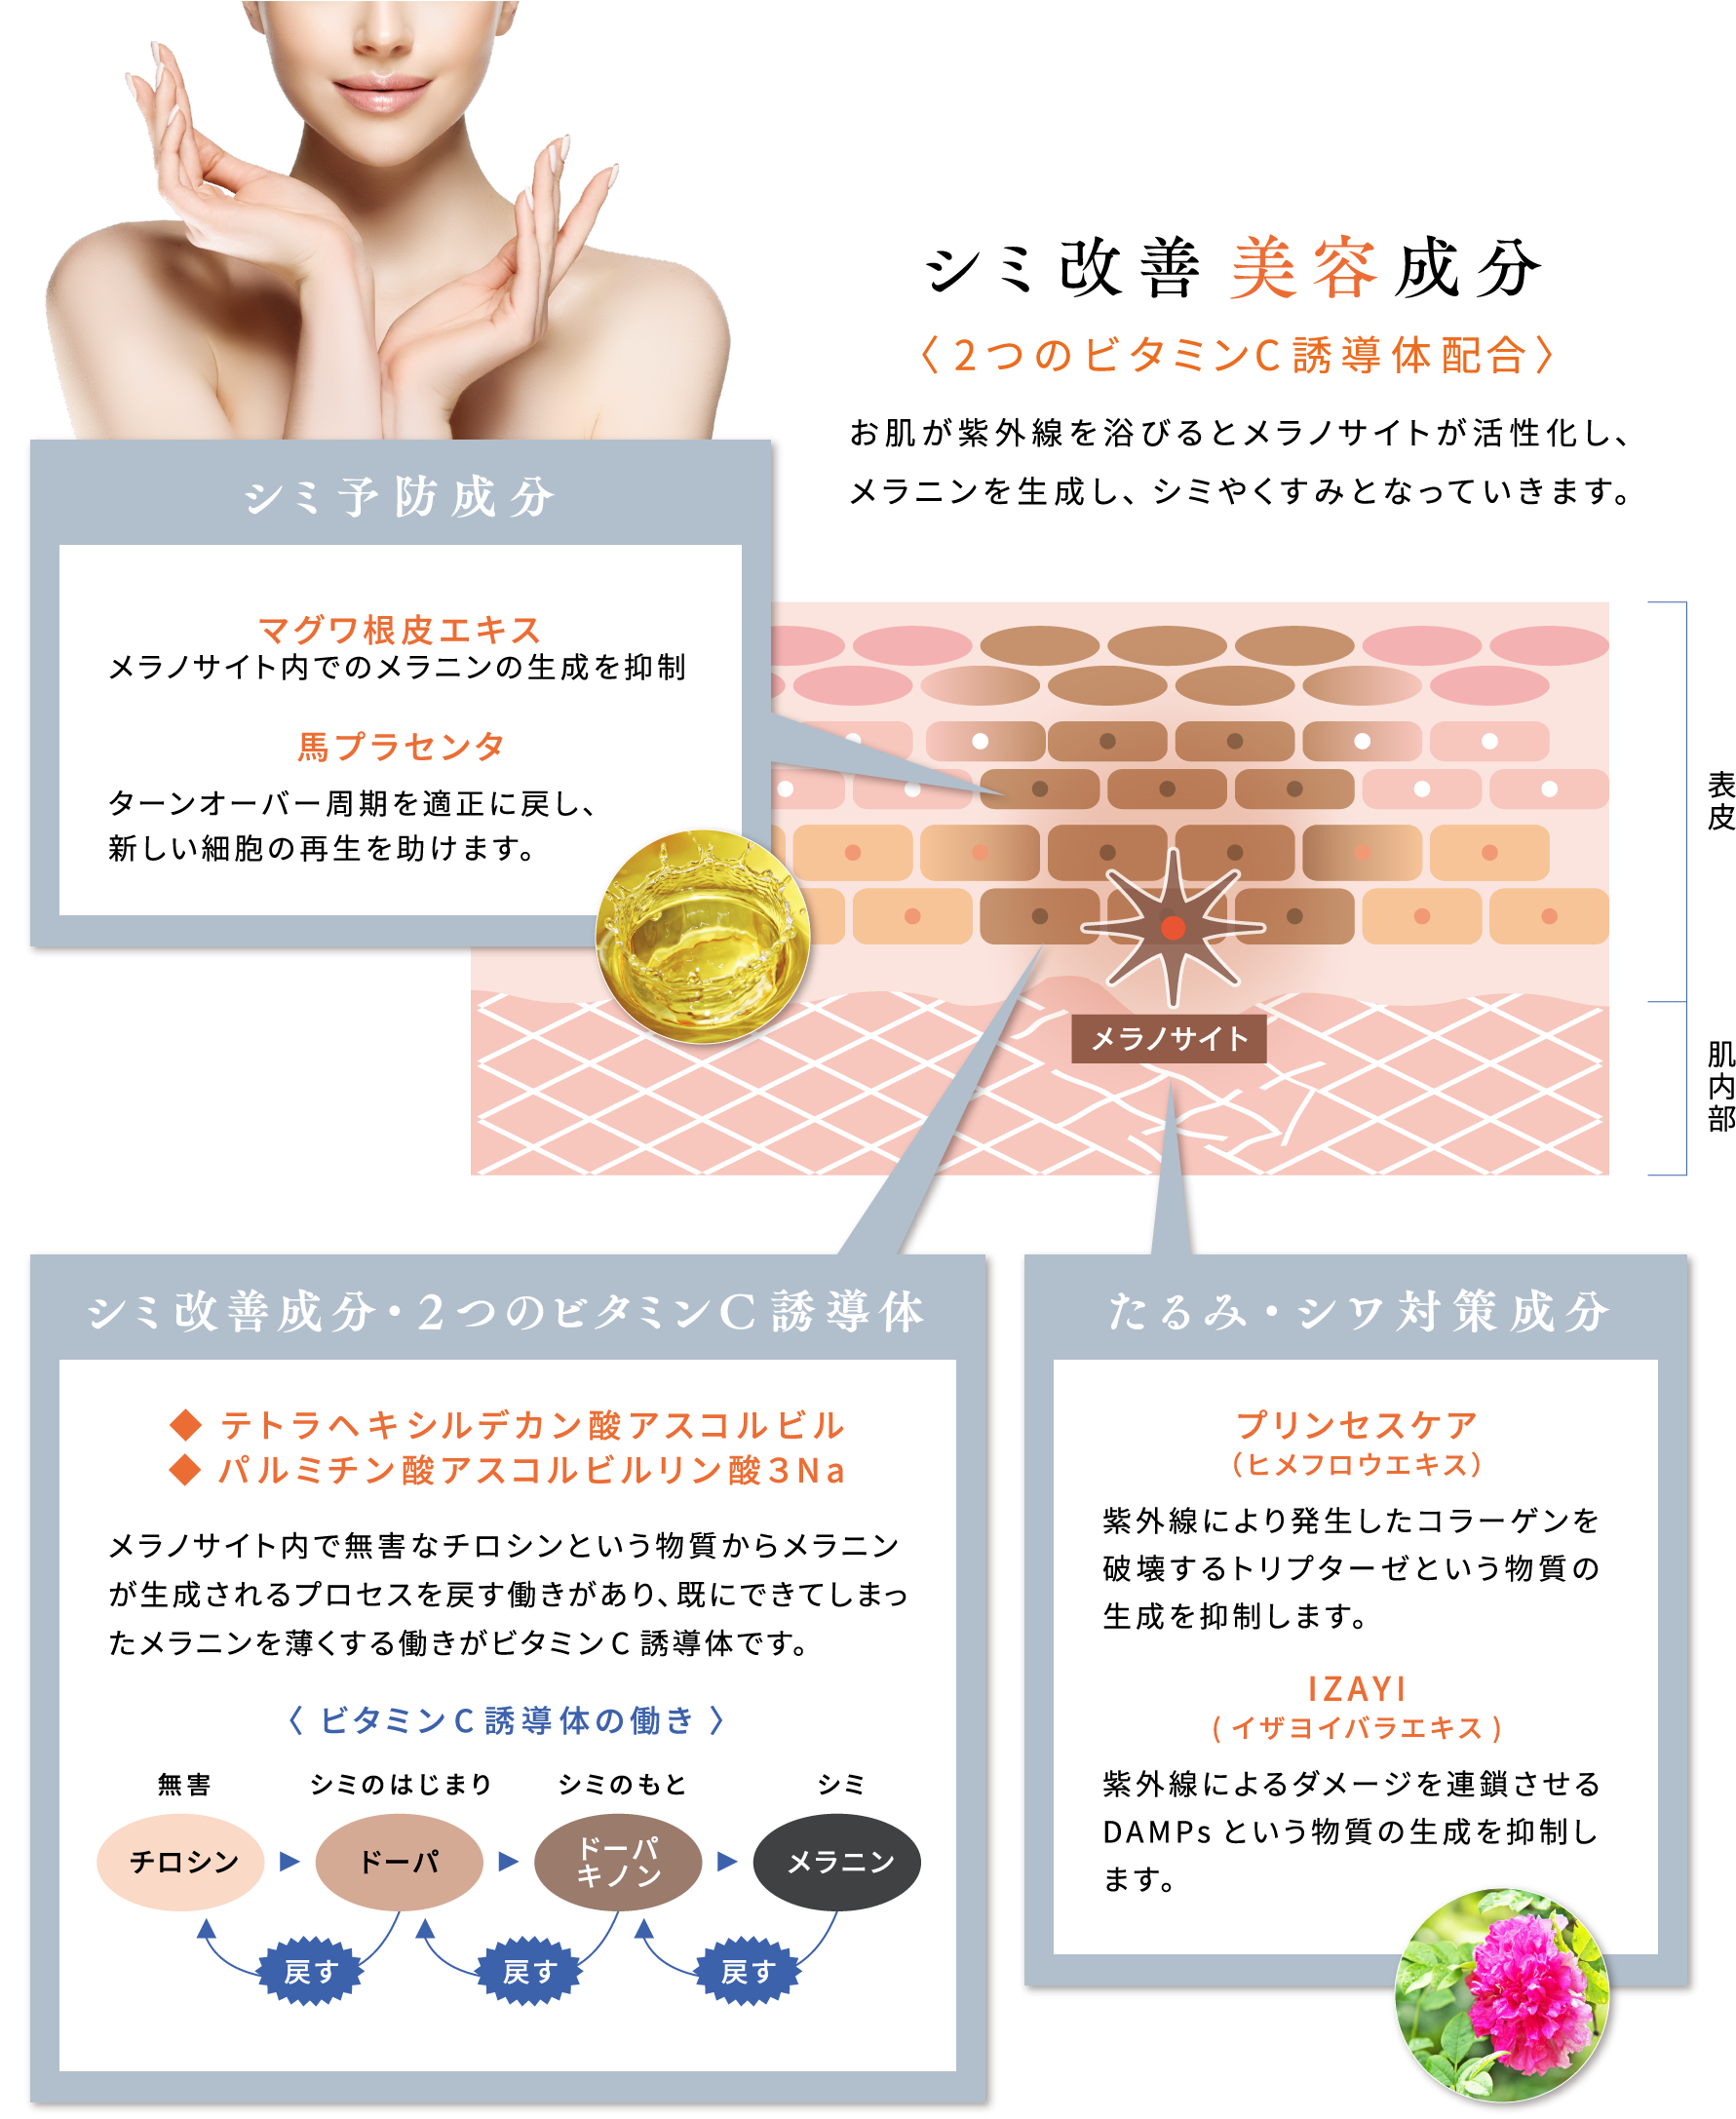 シミ改善美容成分〈2つのビタミンC誘導体配合〉お肌が紫外線を浴びるとメラノサイトが活性化し、メラニンを生成し、シミやくすみとなっていきます。